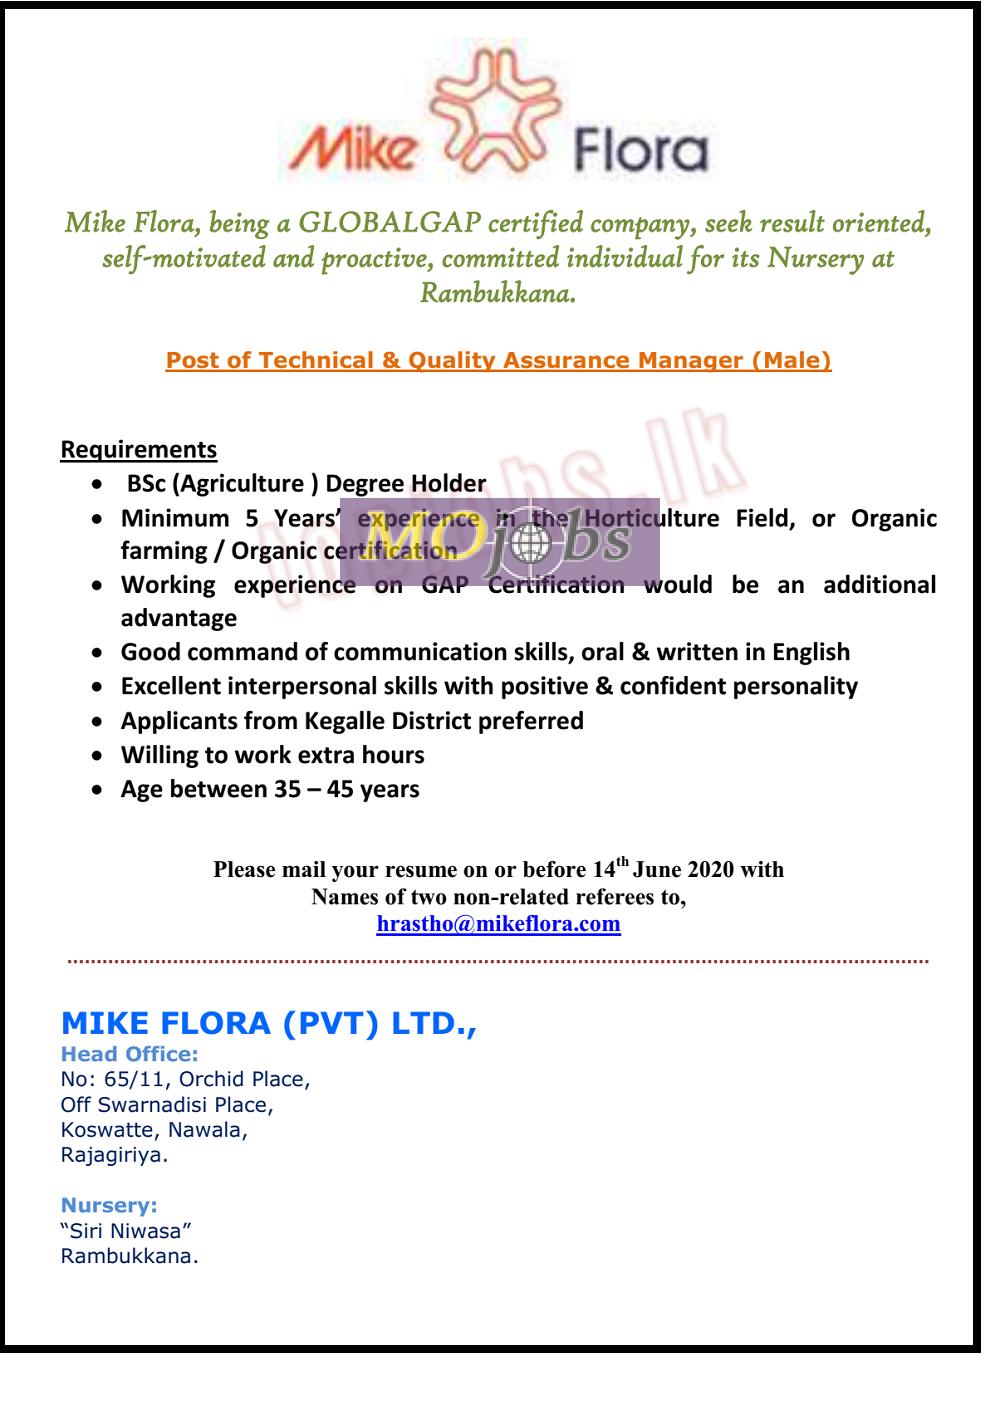 Jobs-in-Srilanka-MoJobs